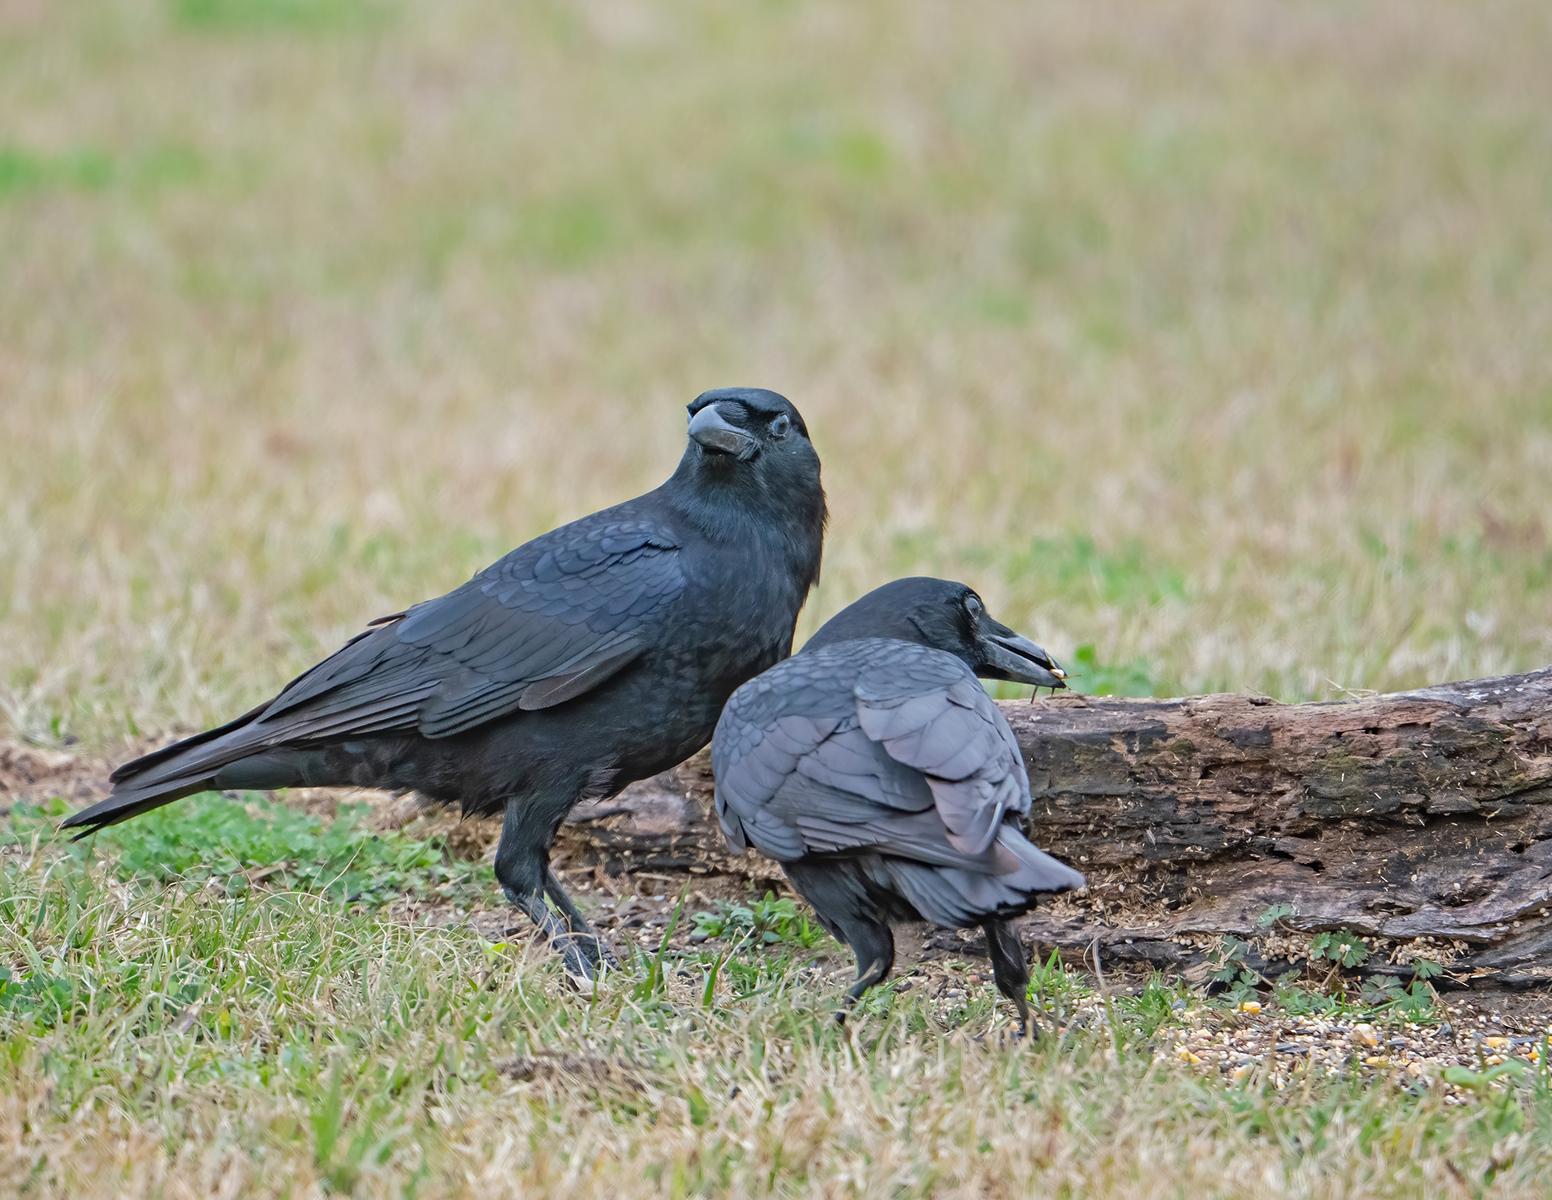 IMAGE: https://photos.smugmug.com/Private/n-XQ9MPw/Birds/Birds/i-pDgVcVx/1/3d1d35c5/X3/American%20crow_R3_1-1-21-24-X3.jpg